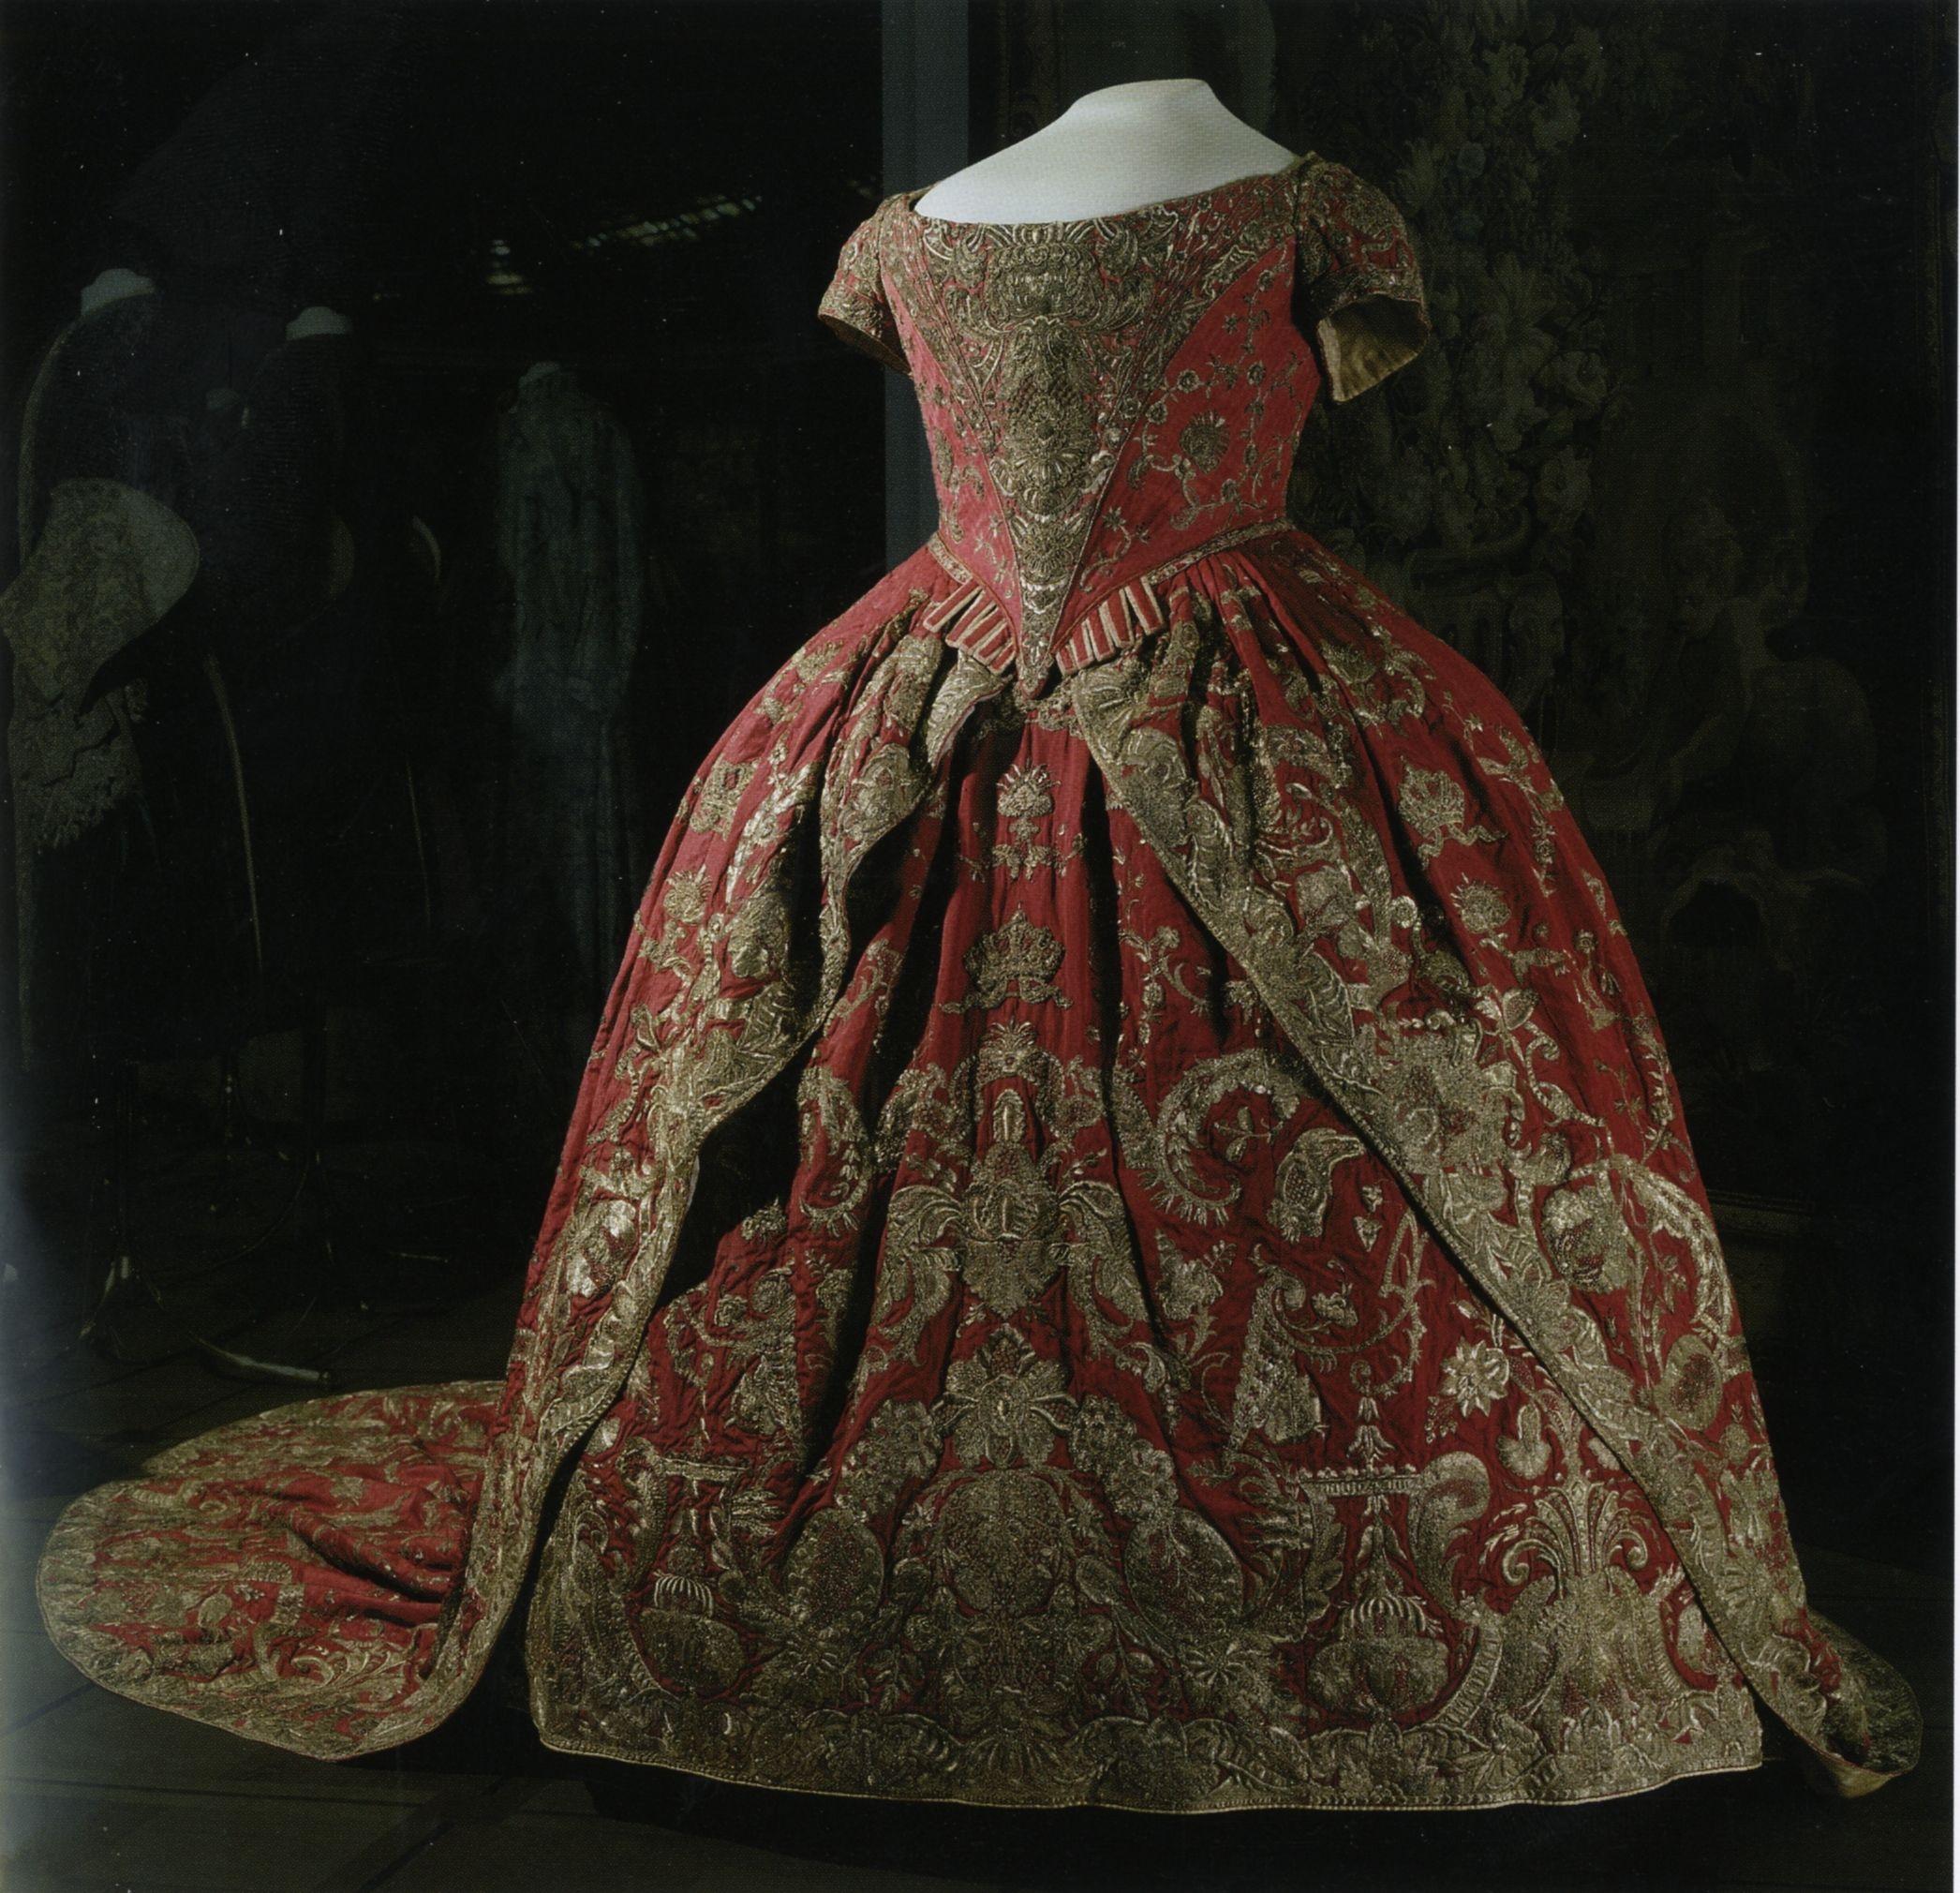 платья времен екатерины фото дизайн